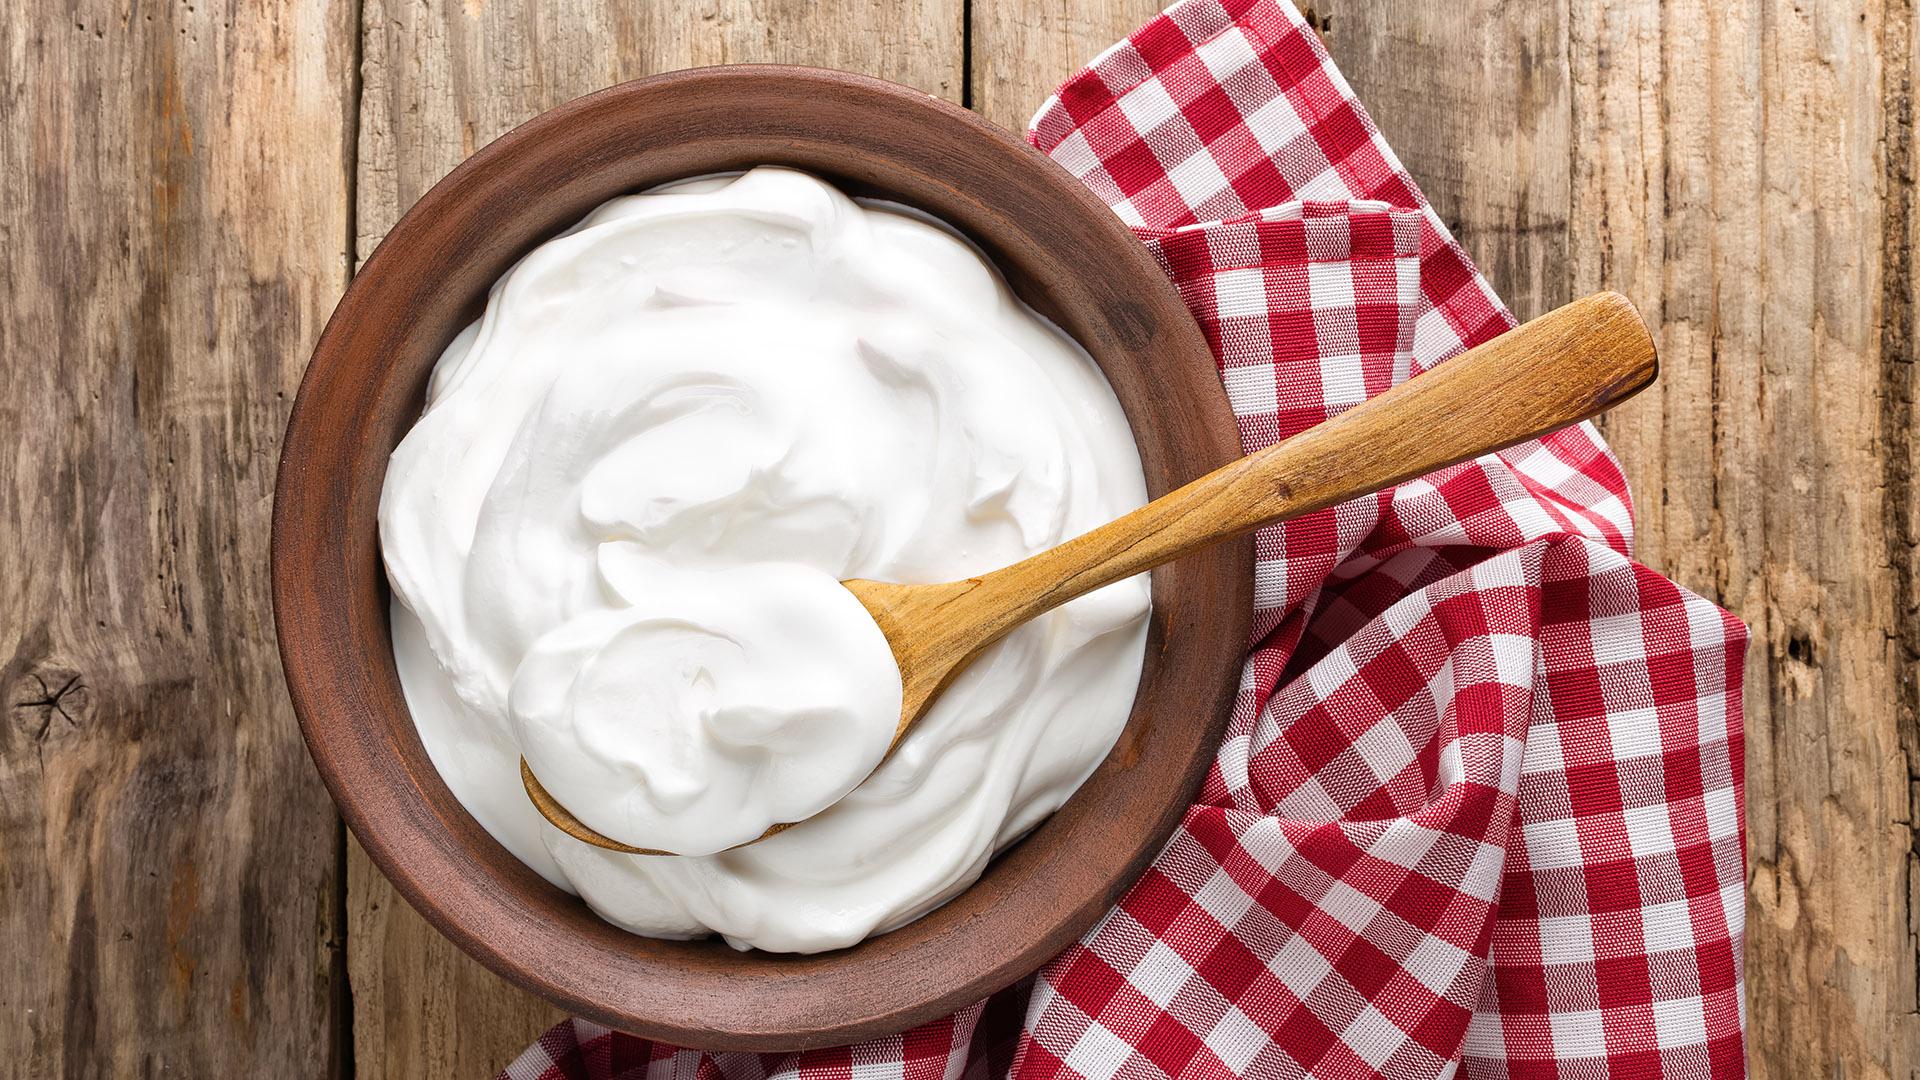 El yogurt es uno de los alimentos más conocidos como vehículo de probióticos (Getty)